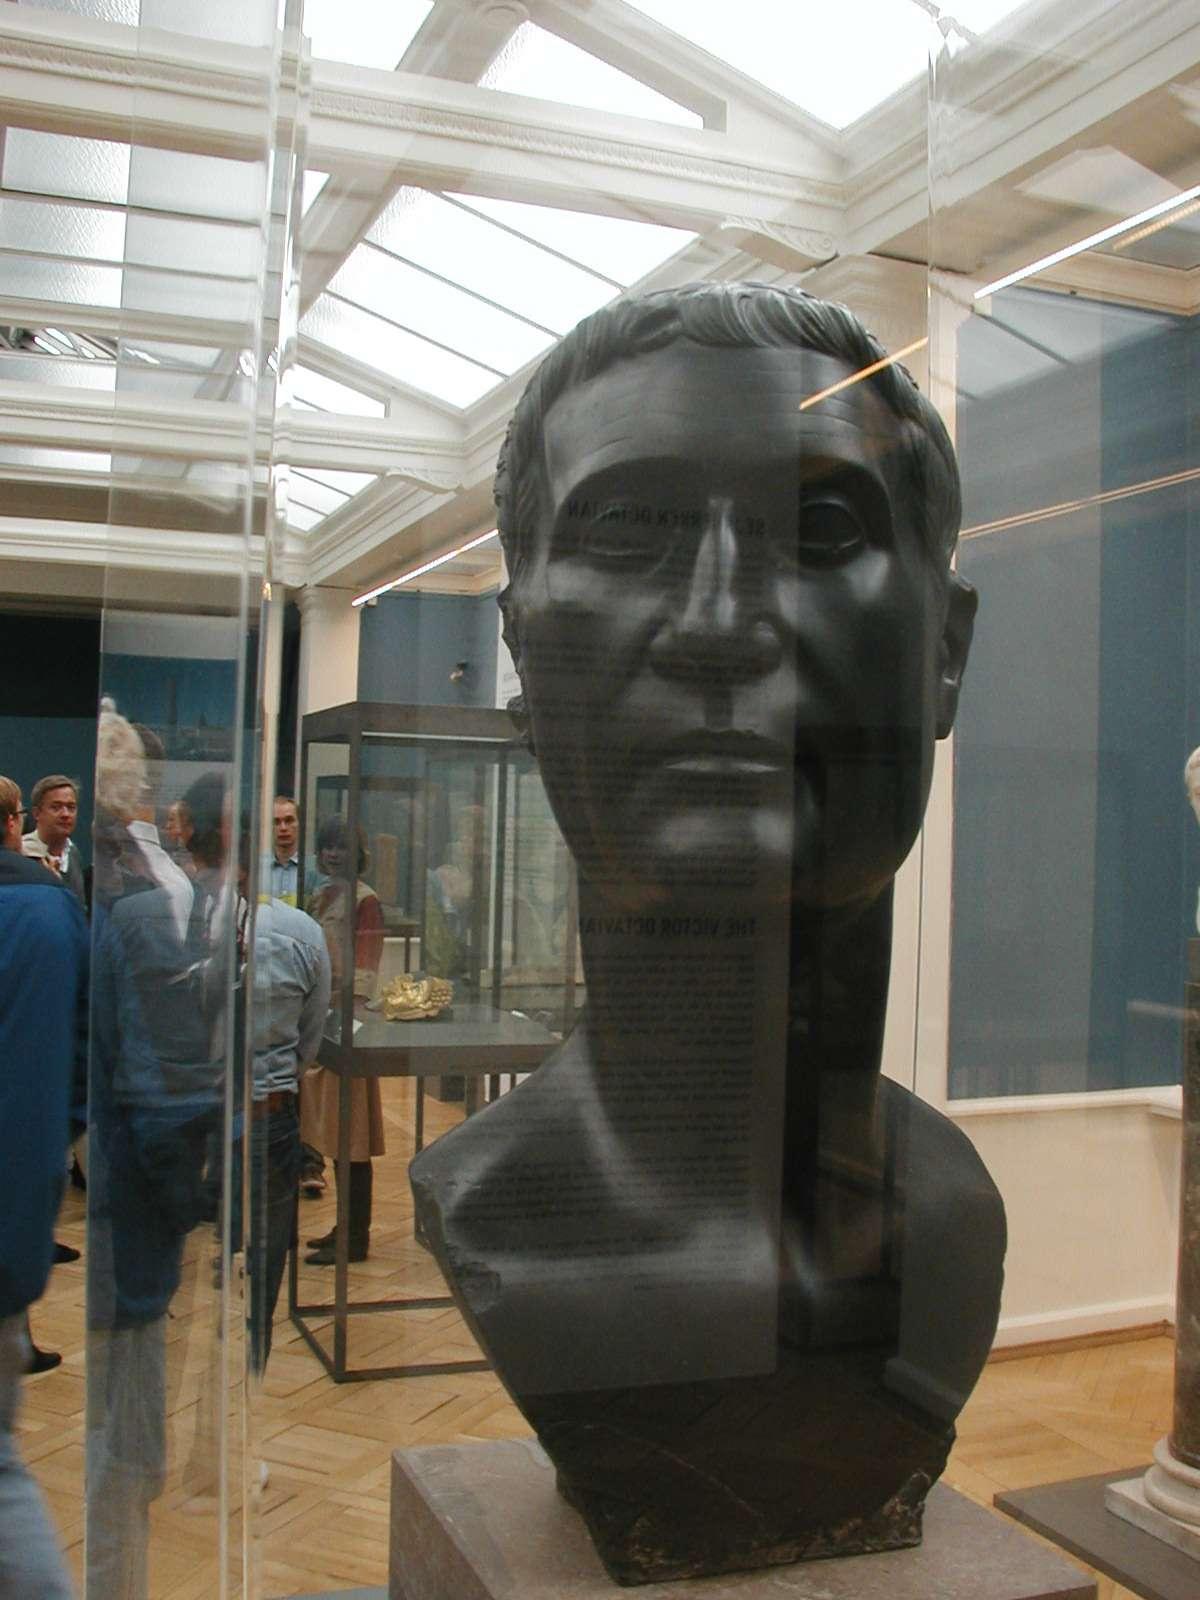 Buste de Marc Antoine, célèbre chef des armées de César. La plupart des généraux de César étaient issus de familles puissantes. © Diagram Lajard, Wikimedia Commons, DP